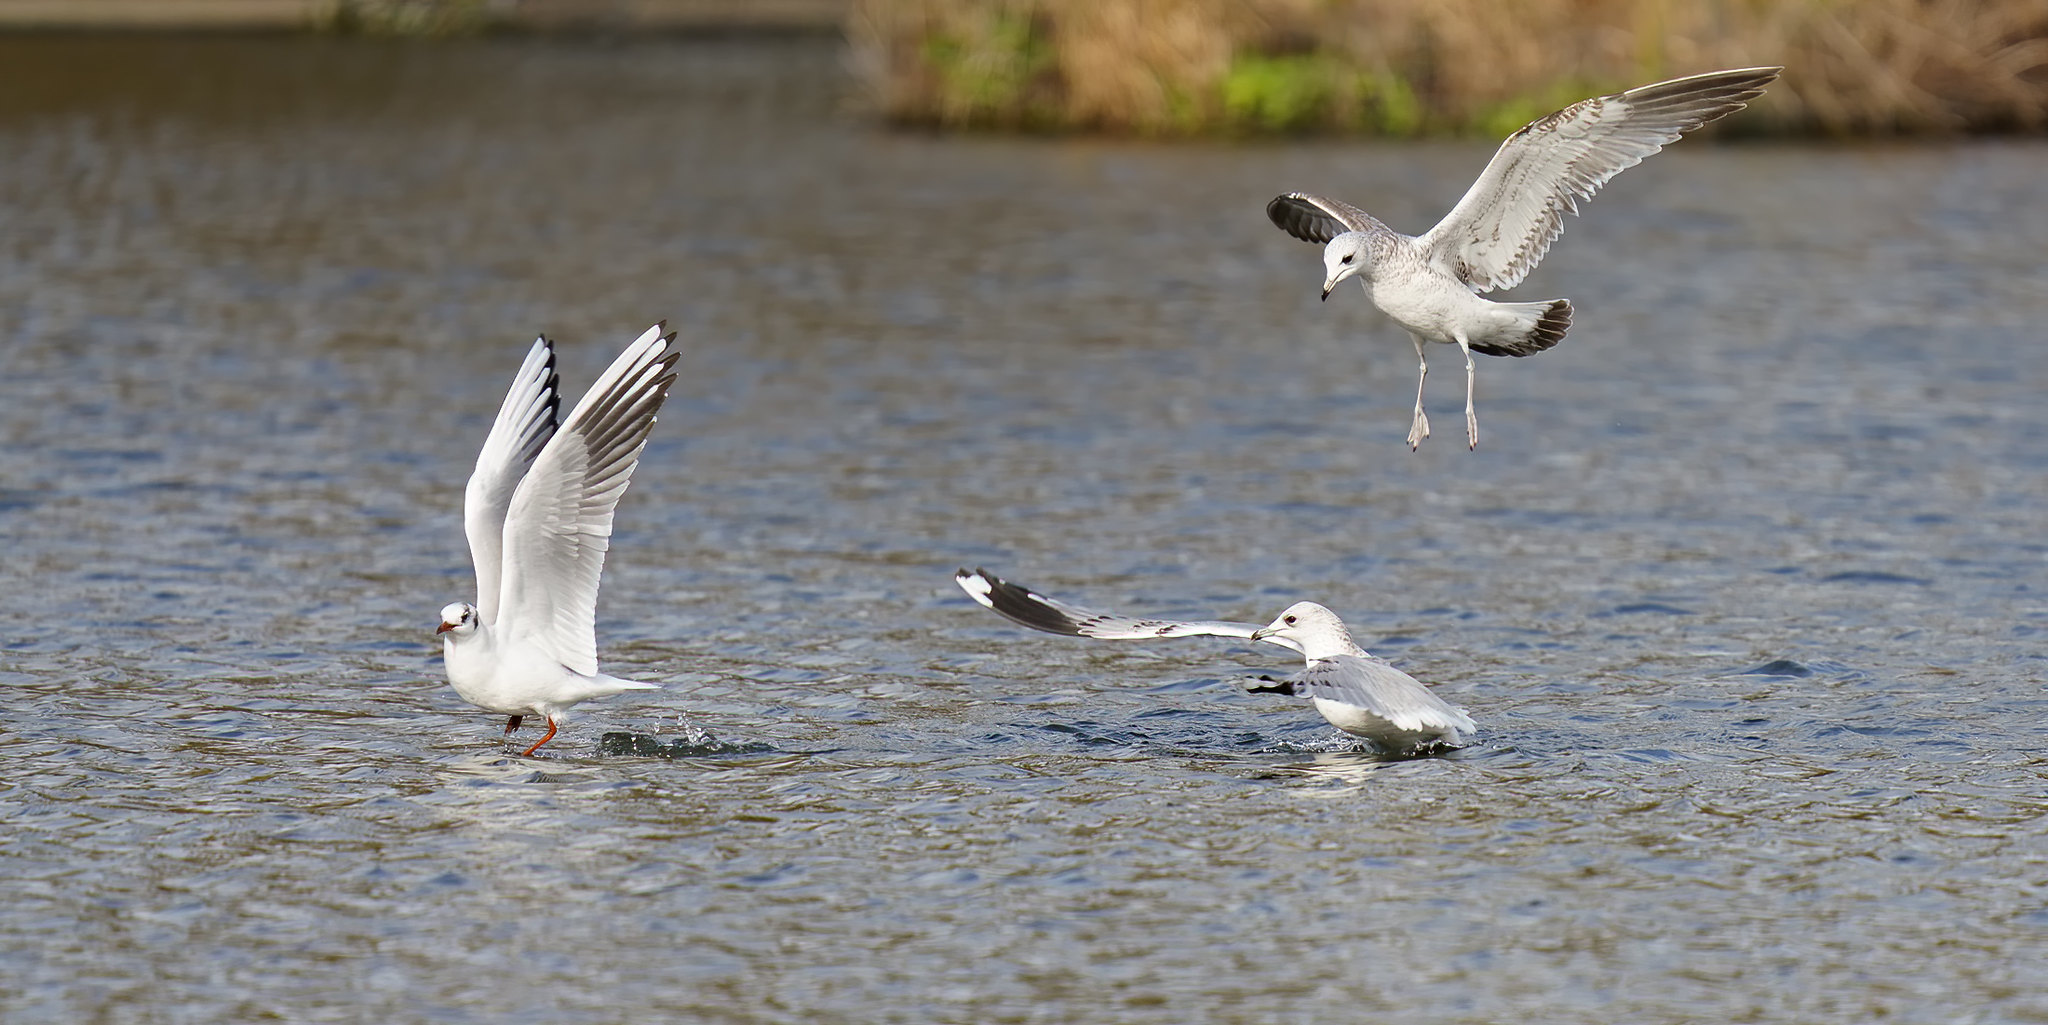 Common Gull, Lesser BB Gull and Black-headed Gull